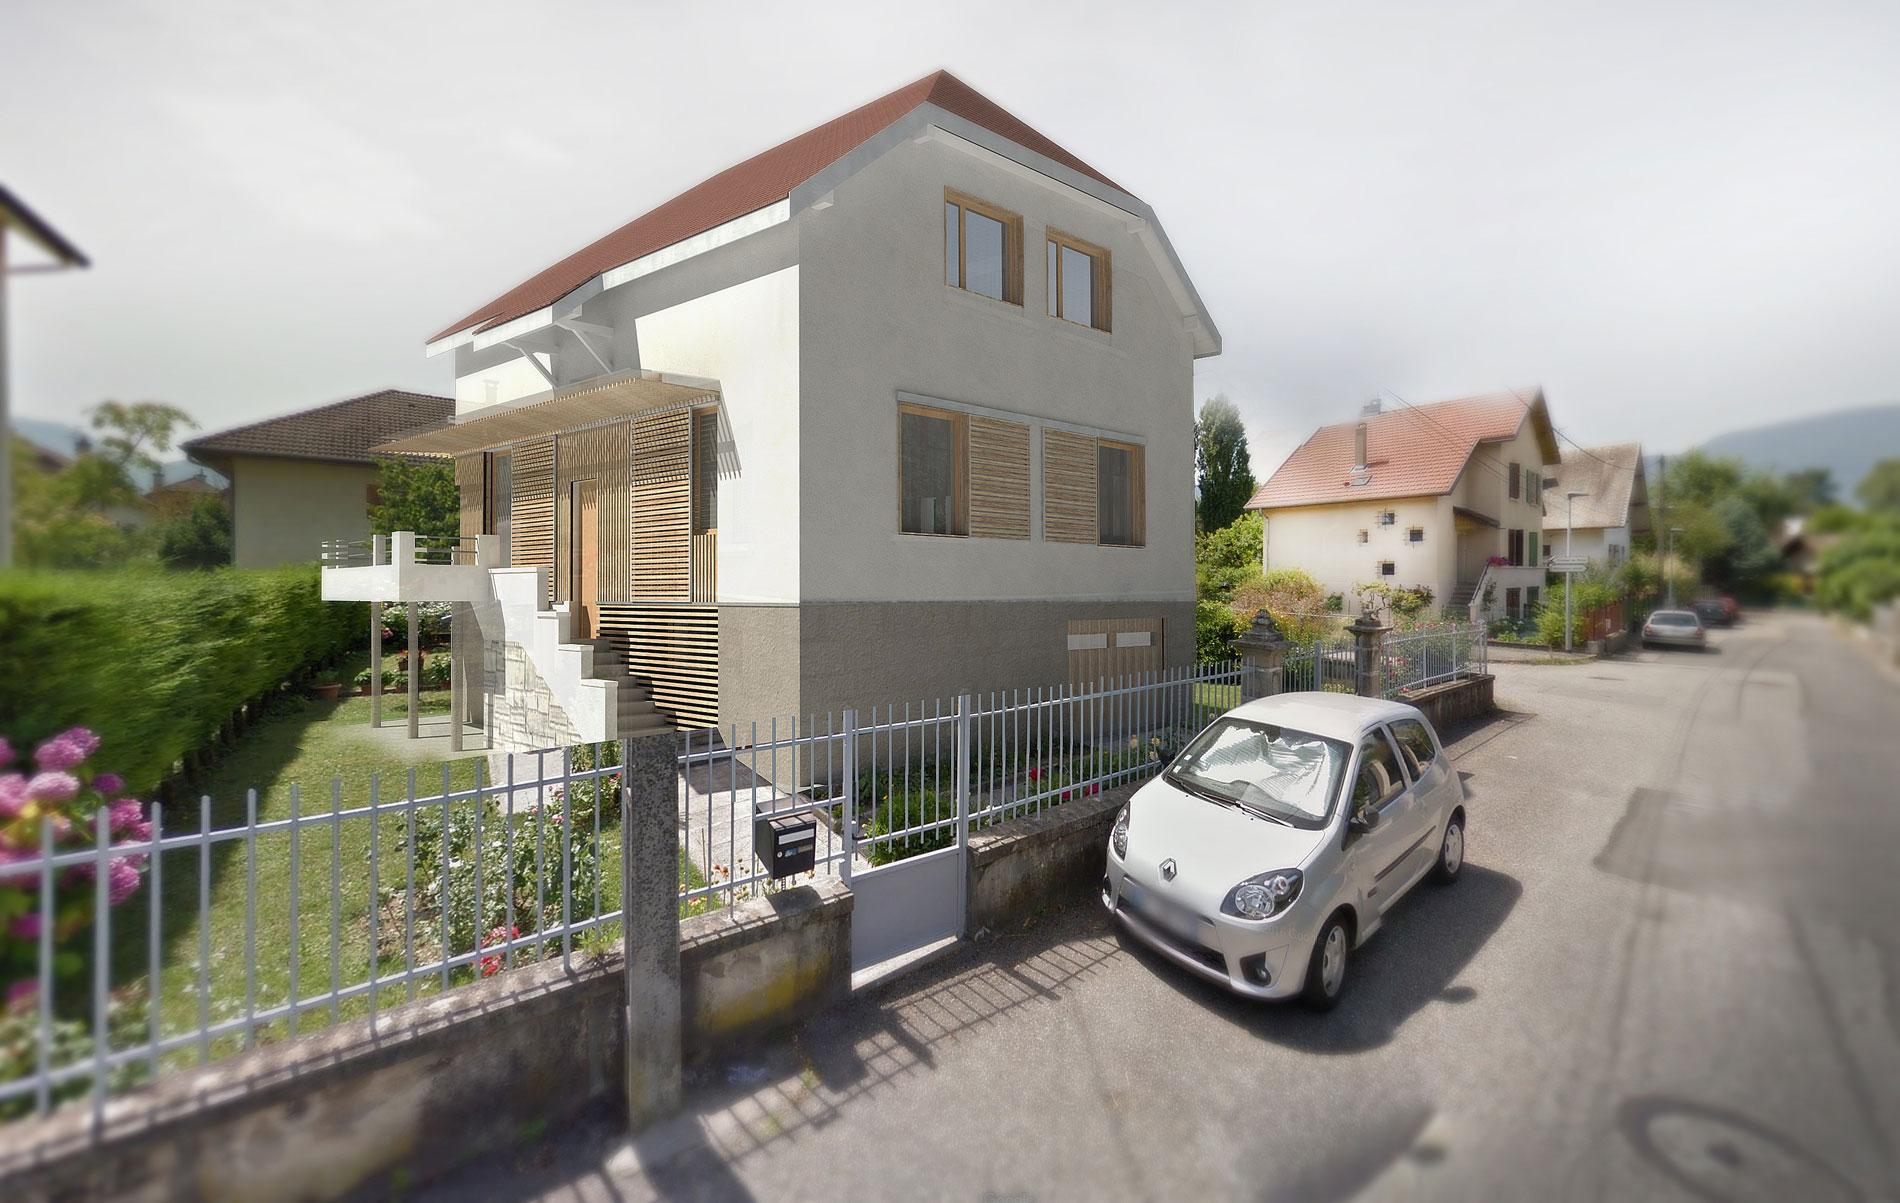 asb-architecture-savoie-chambery-renovation-maison-de-ville-bois-enduit-perspective-12